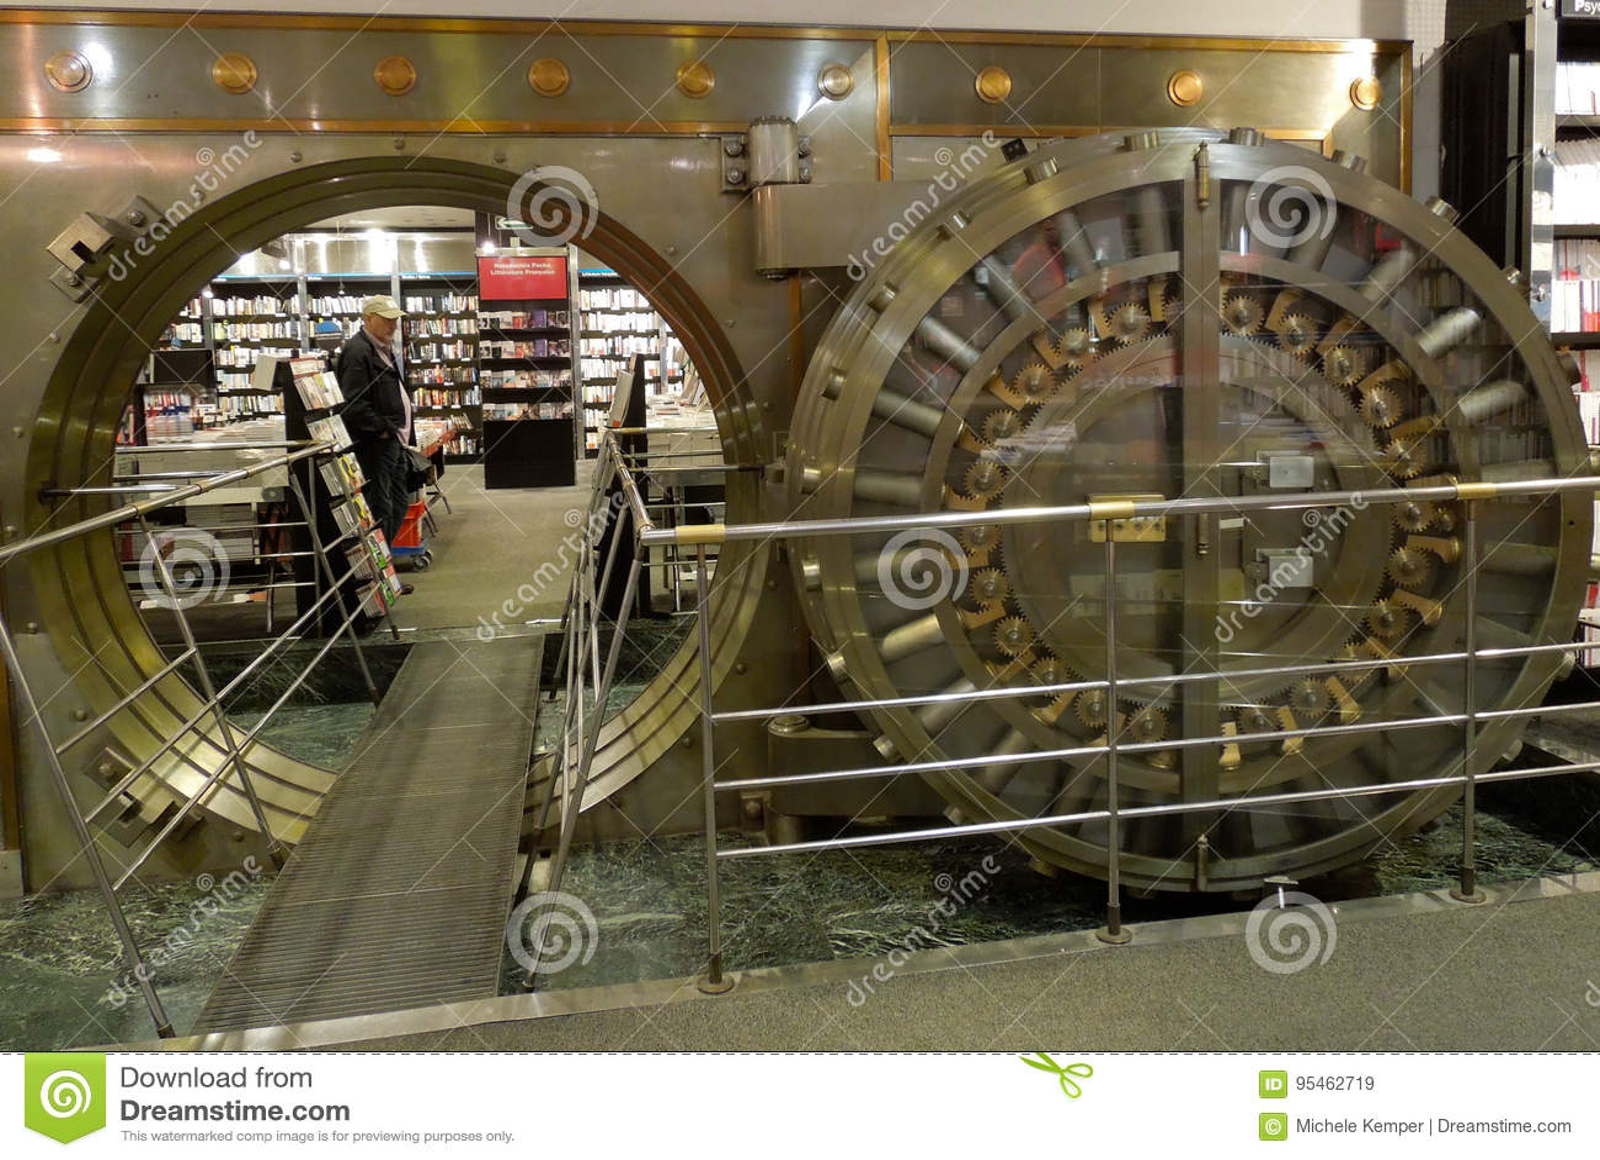 Grande porta do cofre-forte de banco aberta